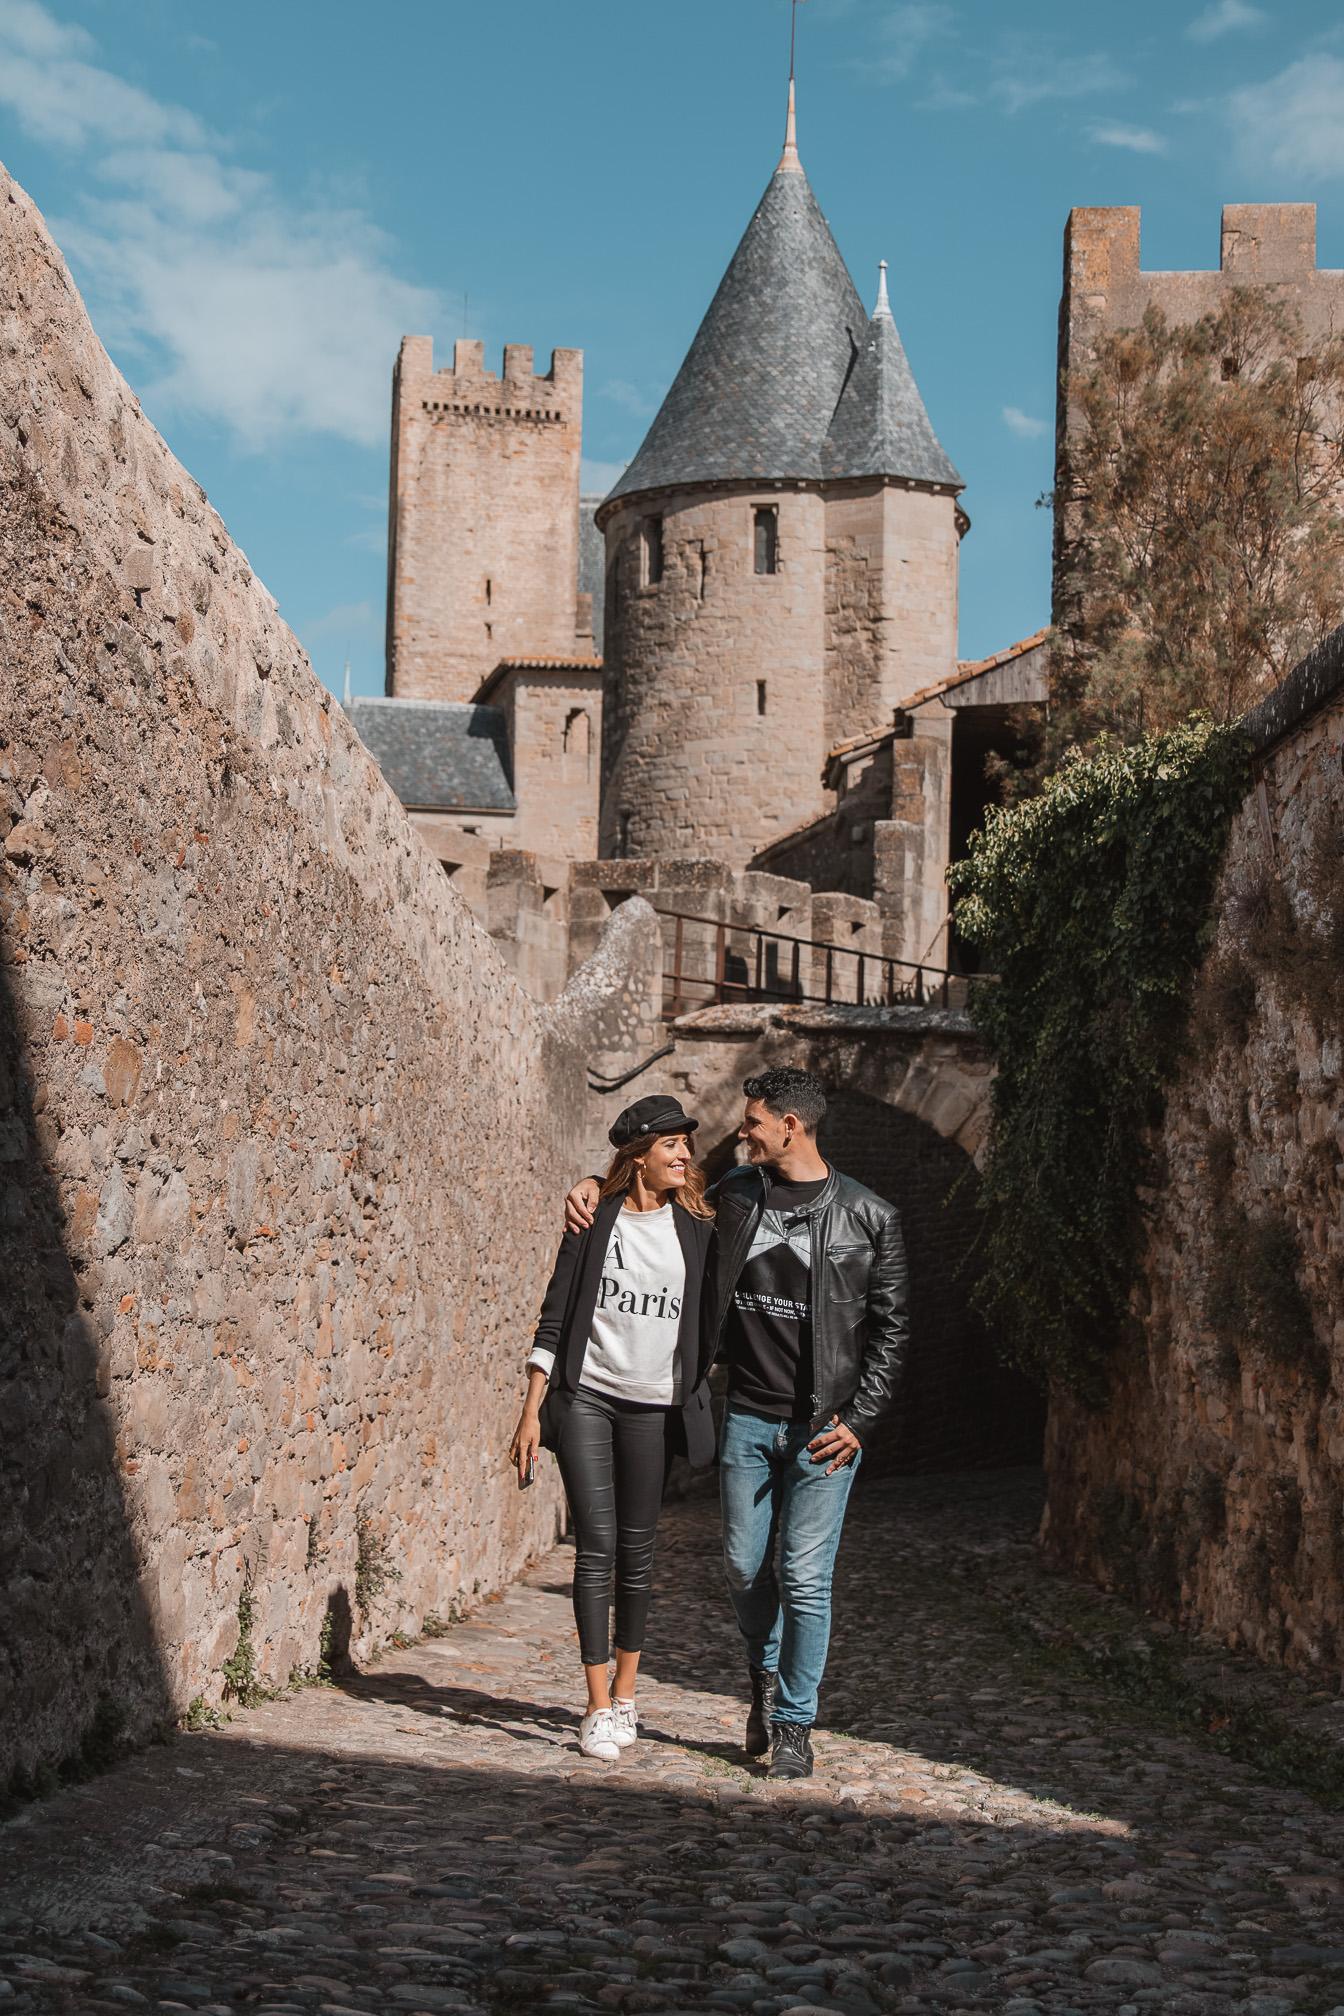 mejores fotos carcassonne